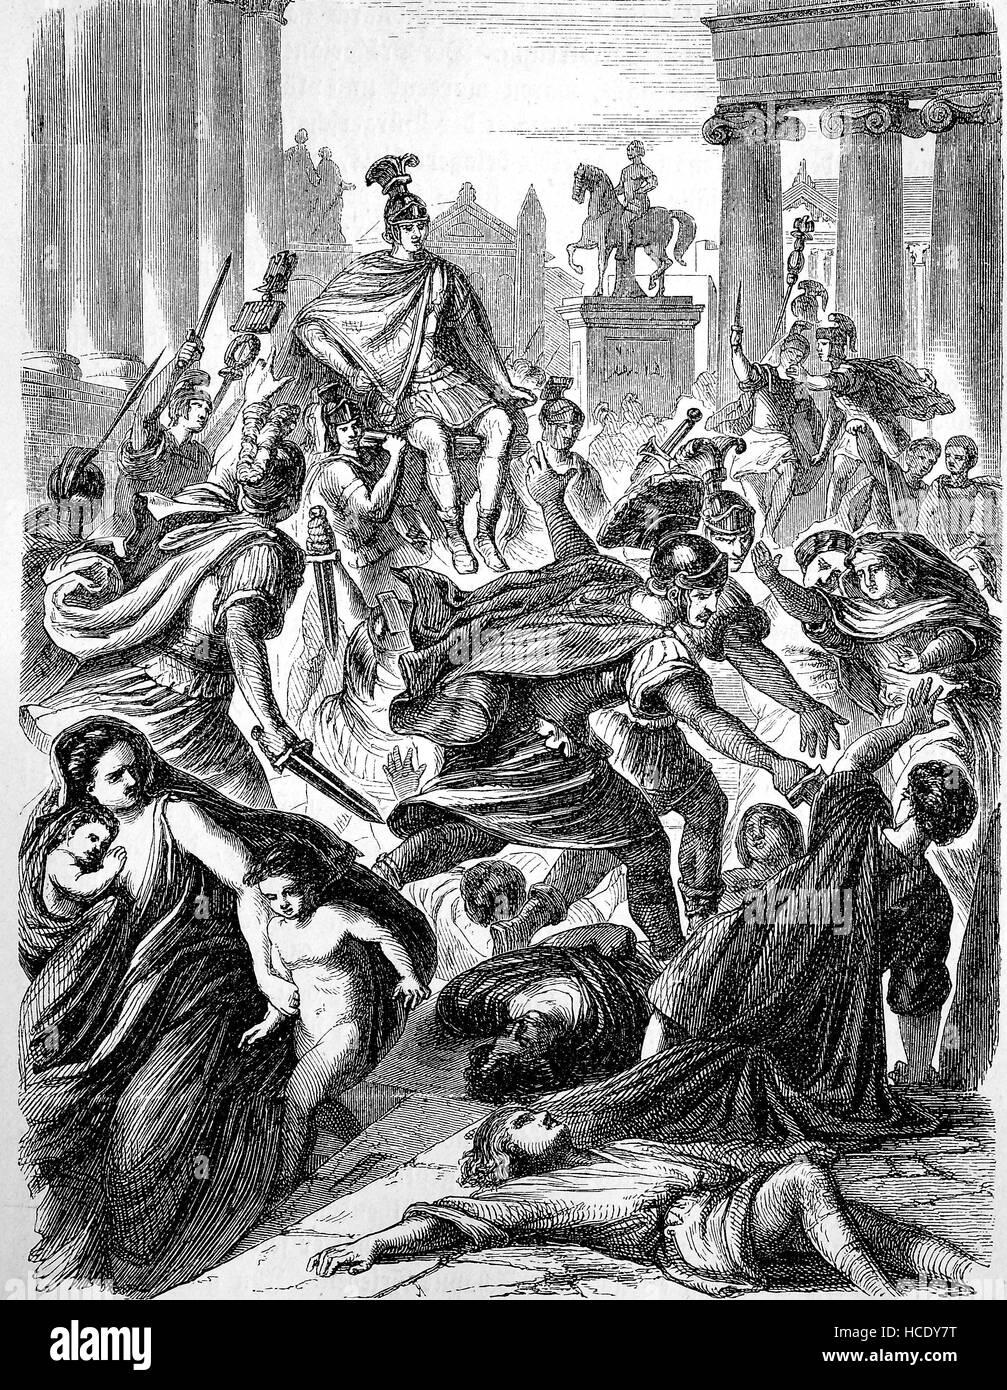 Rébellion de la garde prétorienne, AD 306, l'histoire de la Rome antique, Empire romain, Italie Photo Stock